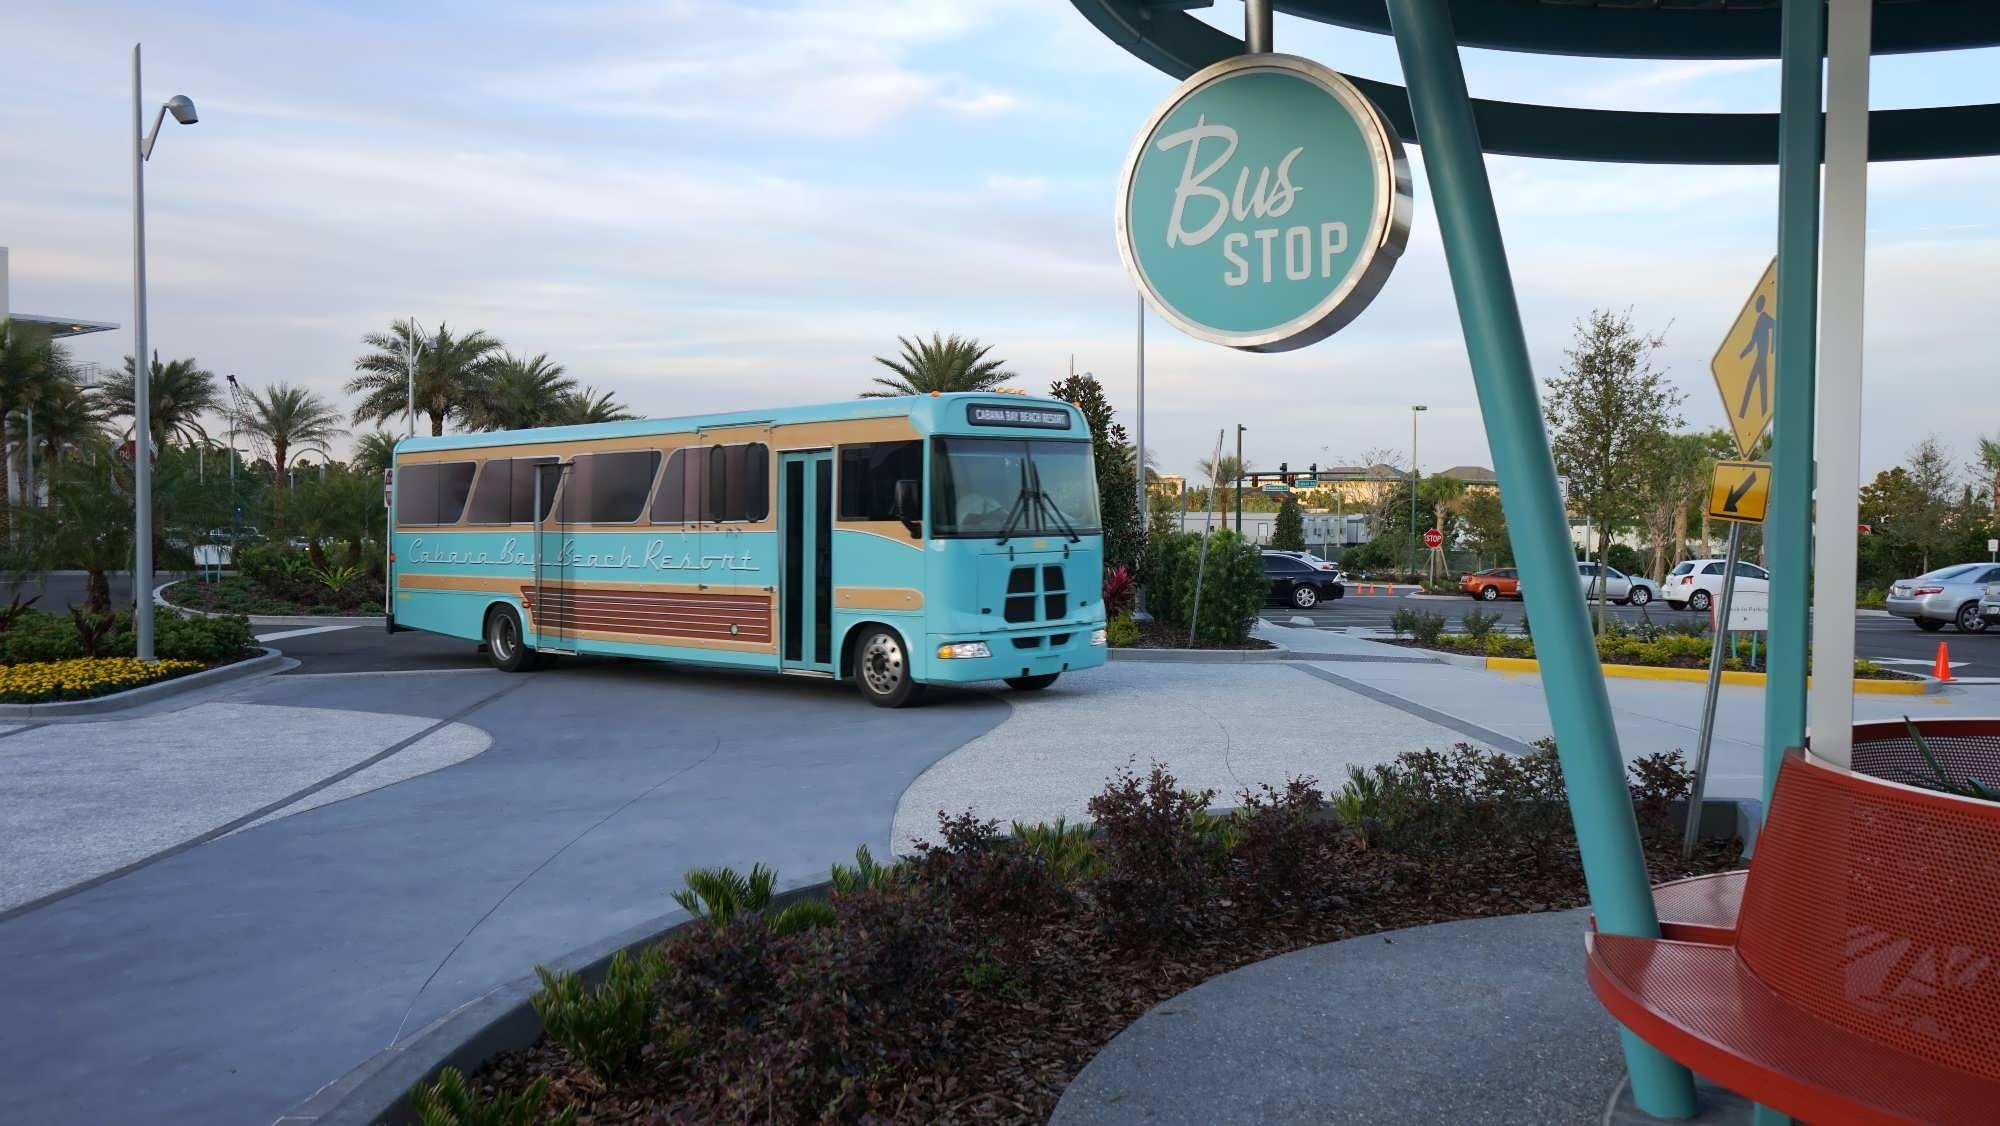 Cabana Bay Beach Resort shuttle